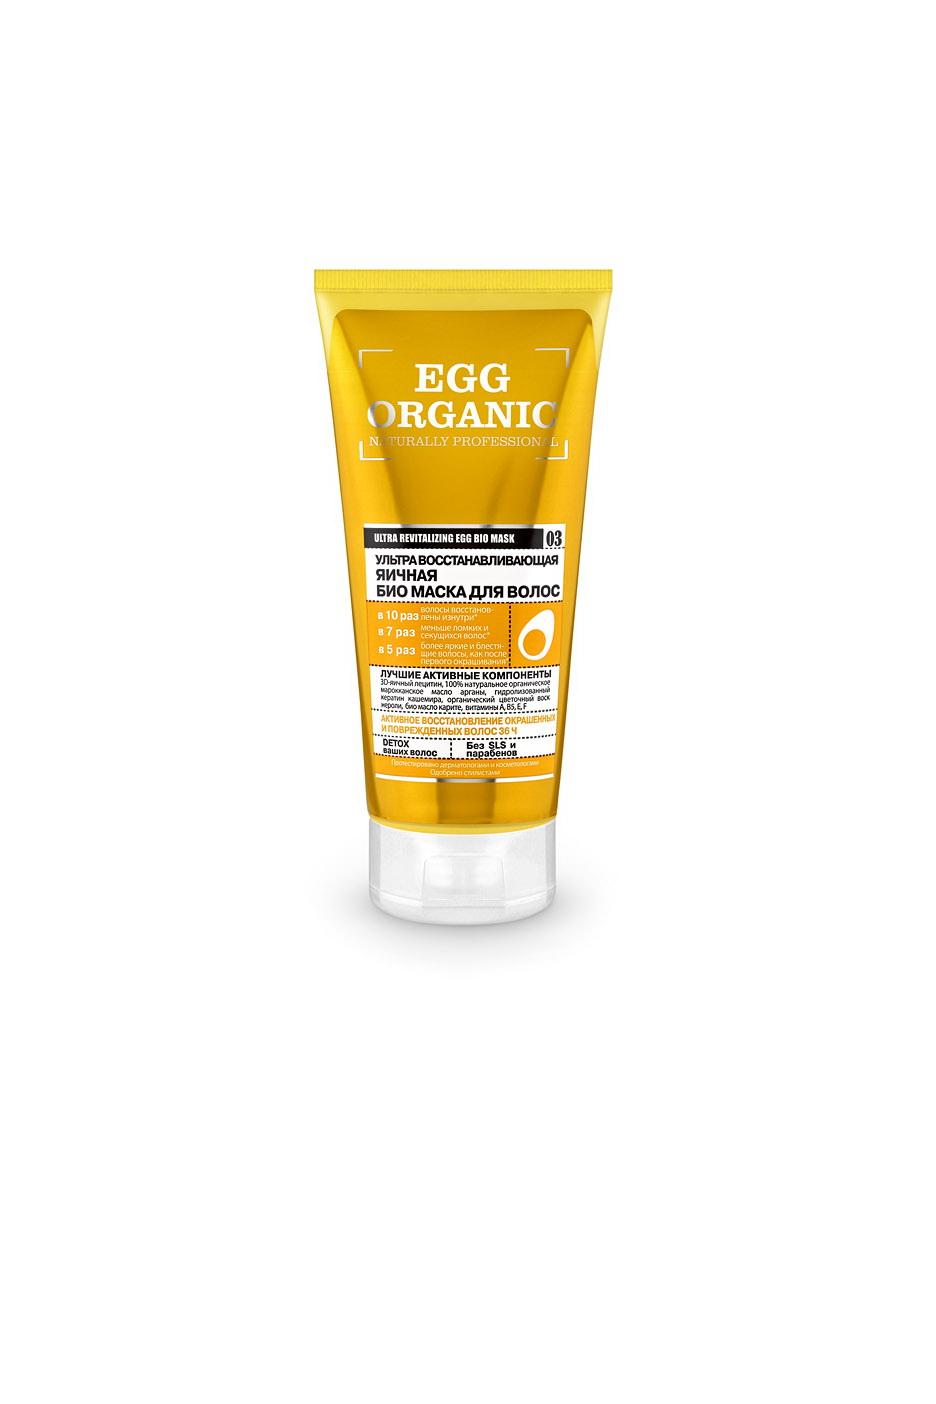 Оrganic Shop Naturally Professional Био-маска для волос Ультра Восстанавливающая, яичная, 200 млAC-2233_серый3D-яичный лецитин эффективно залечивает структурные повреждения, восстанавливая волосы изнутри. 100% натуральные органические масла арганы и био-масло карите глубоко питают ослабленные и поврежденные волосы, обеспечивают надежную защиту от термо и УФ воздействий. Гидролизованный кератин кашемира устраняет ломкость и сечение волос, интенсивно укрепляет. Органический цветочный воск нероли придает волосам гладкость, зеркальный блеск и усиливает яркость цвета окрашенных волос.  Товар сертифицирован.